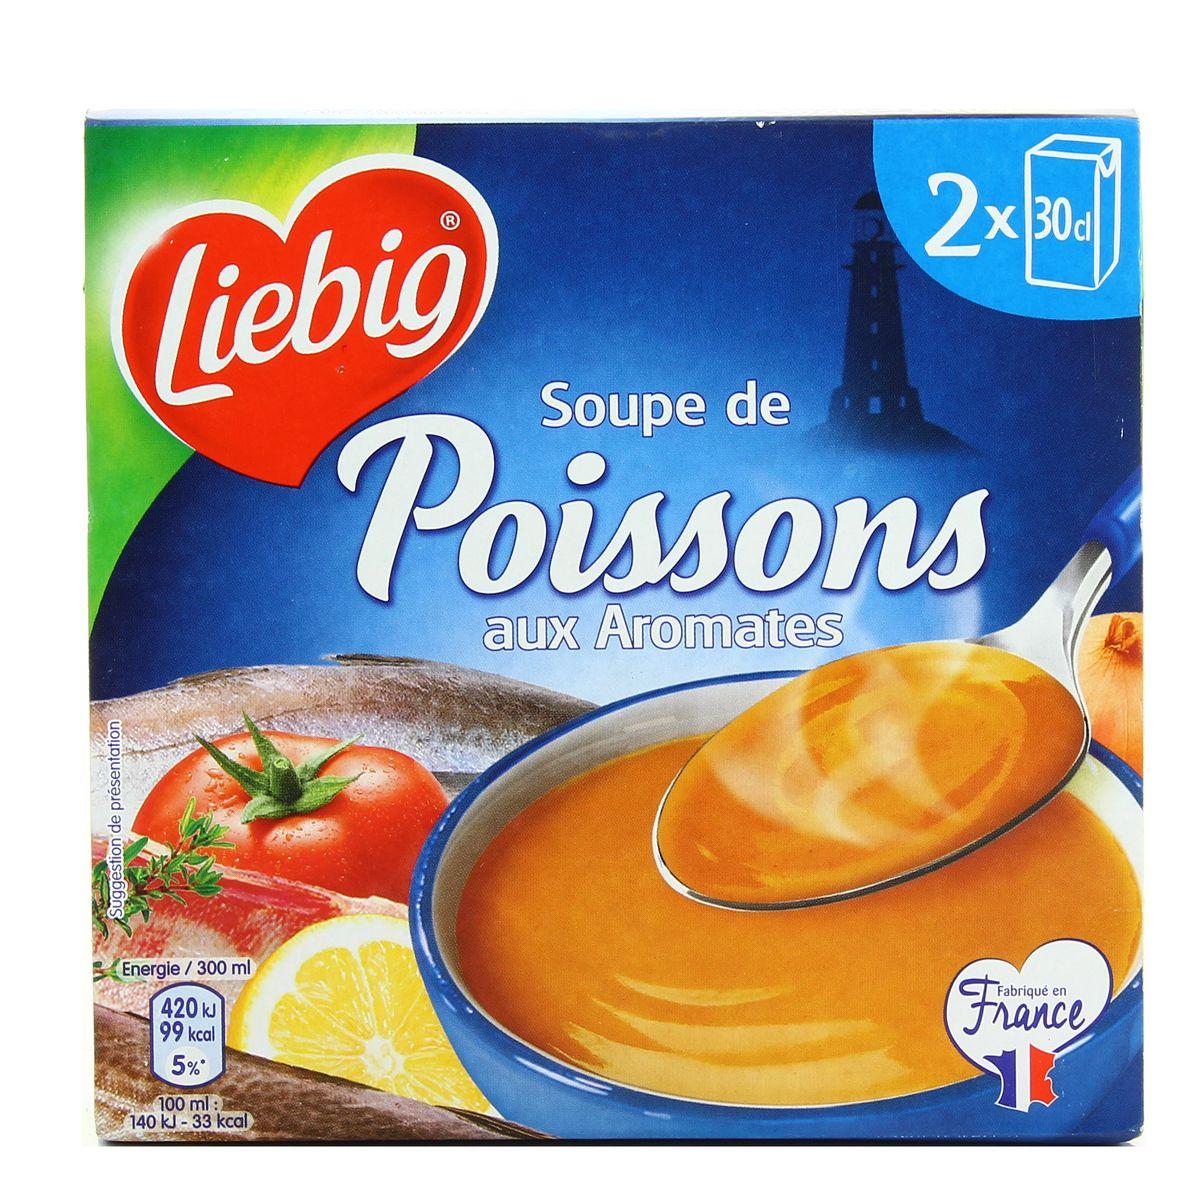 Soupe de poissons aux aromates, Liebig (2 x 30 cl)